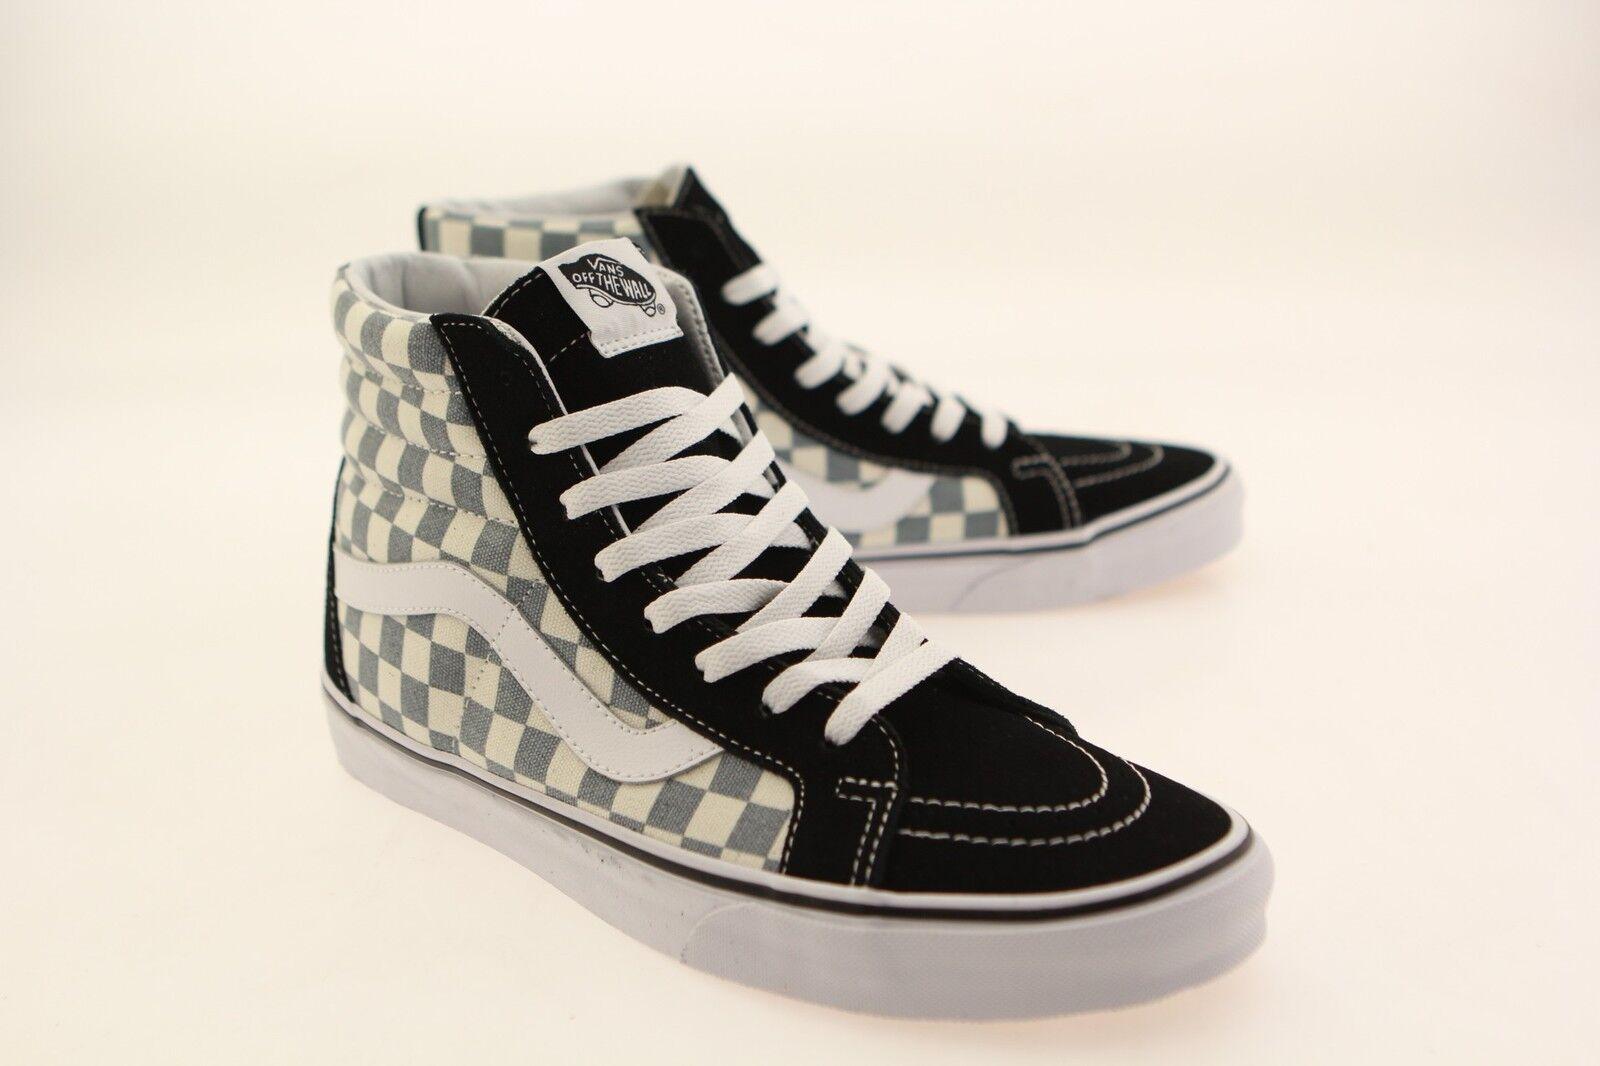 Vans Men Sk8-Hi Reissue - Checkerboard black citadel VN03CAIB7